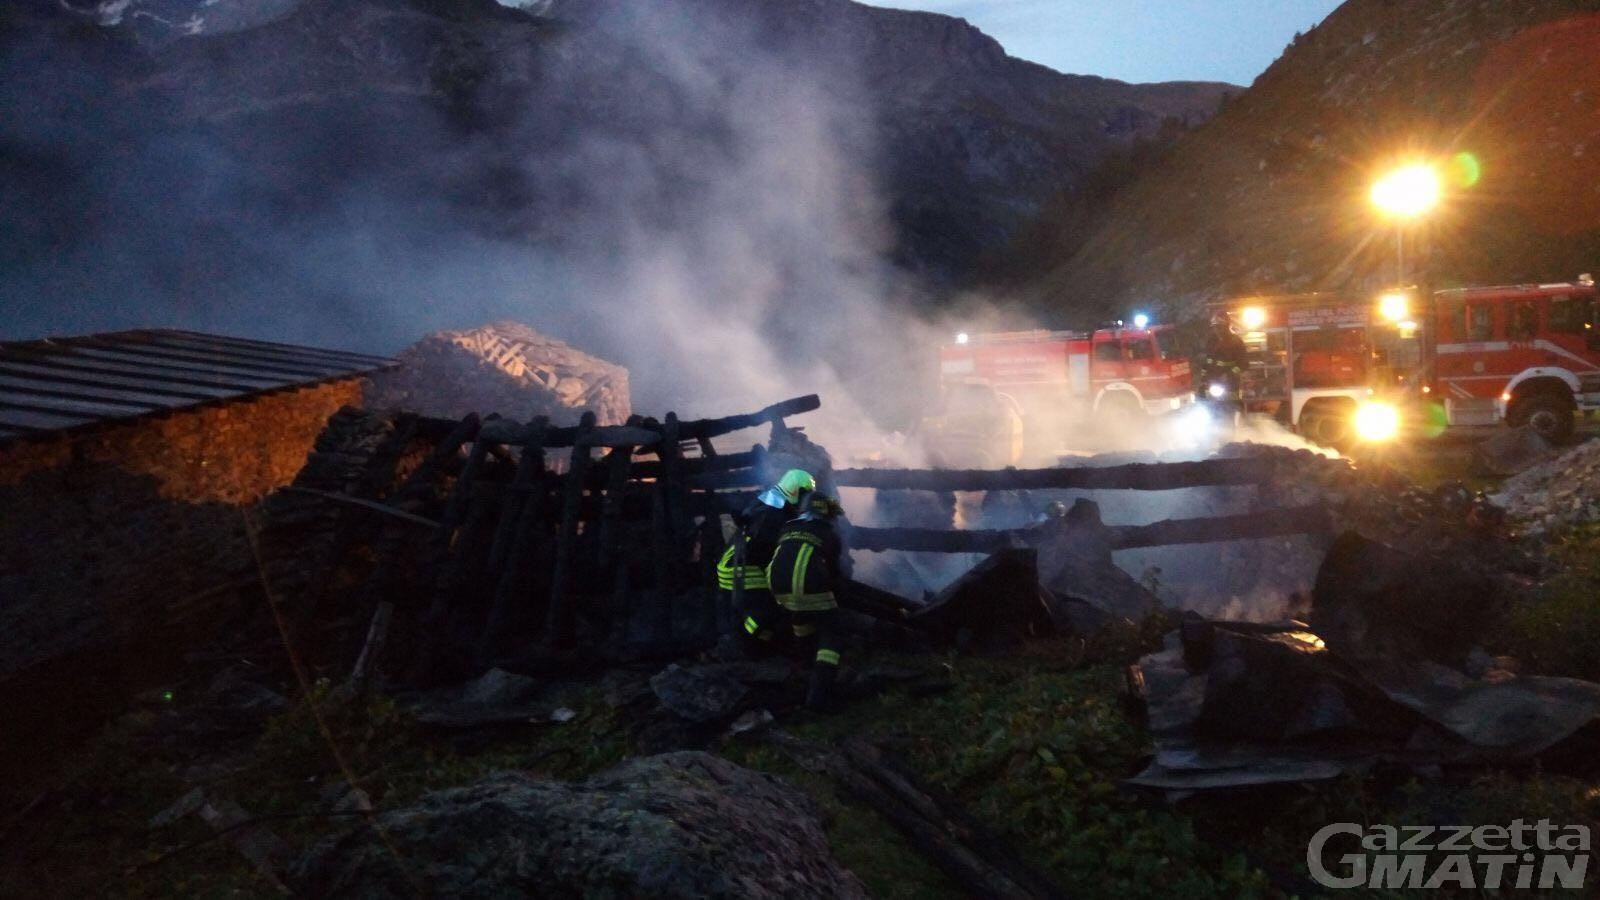 Incendio: Brucia magazzino a Valgrisenche